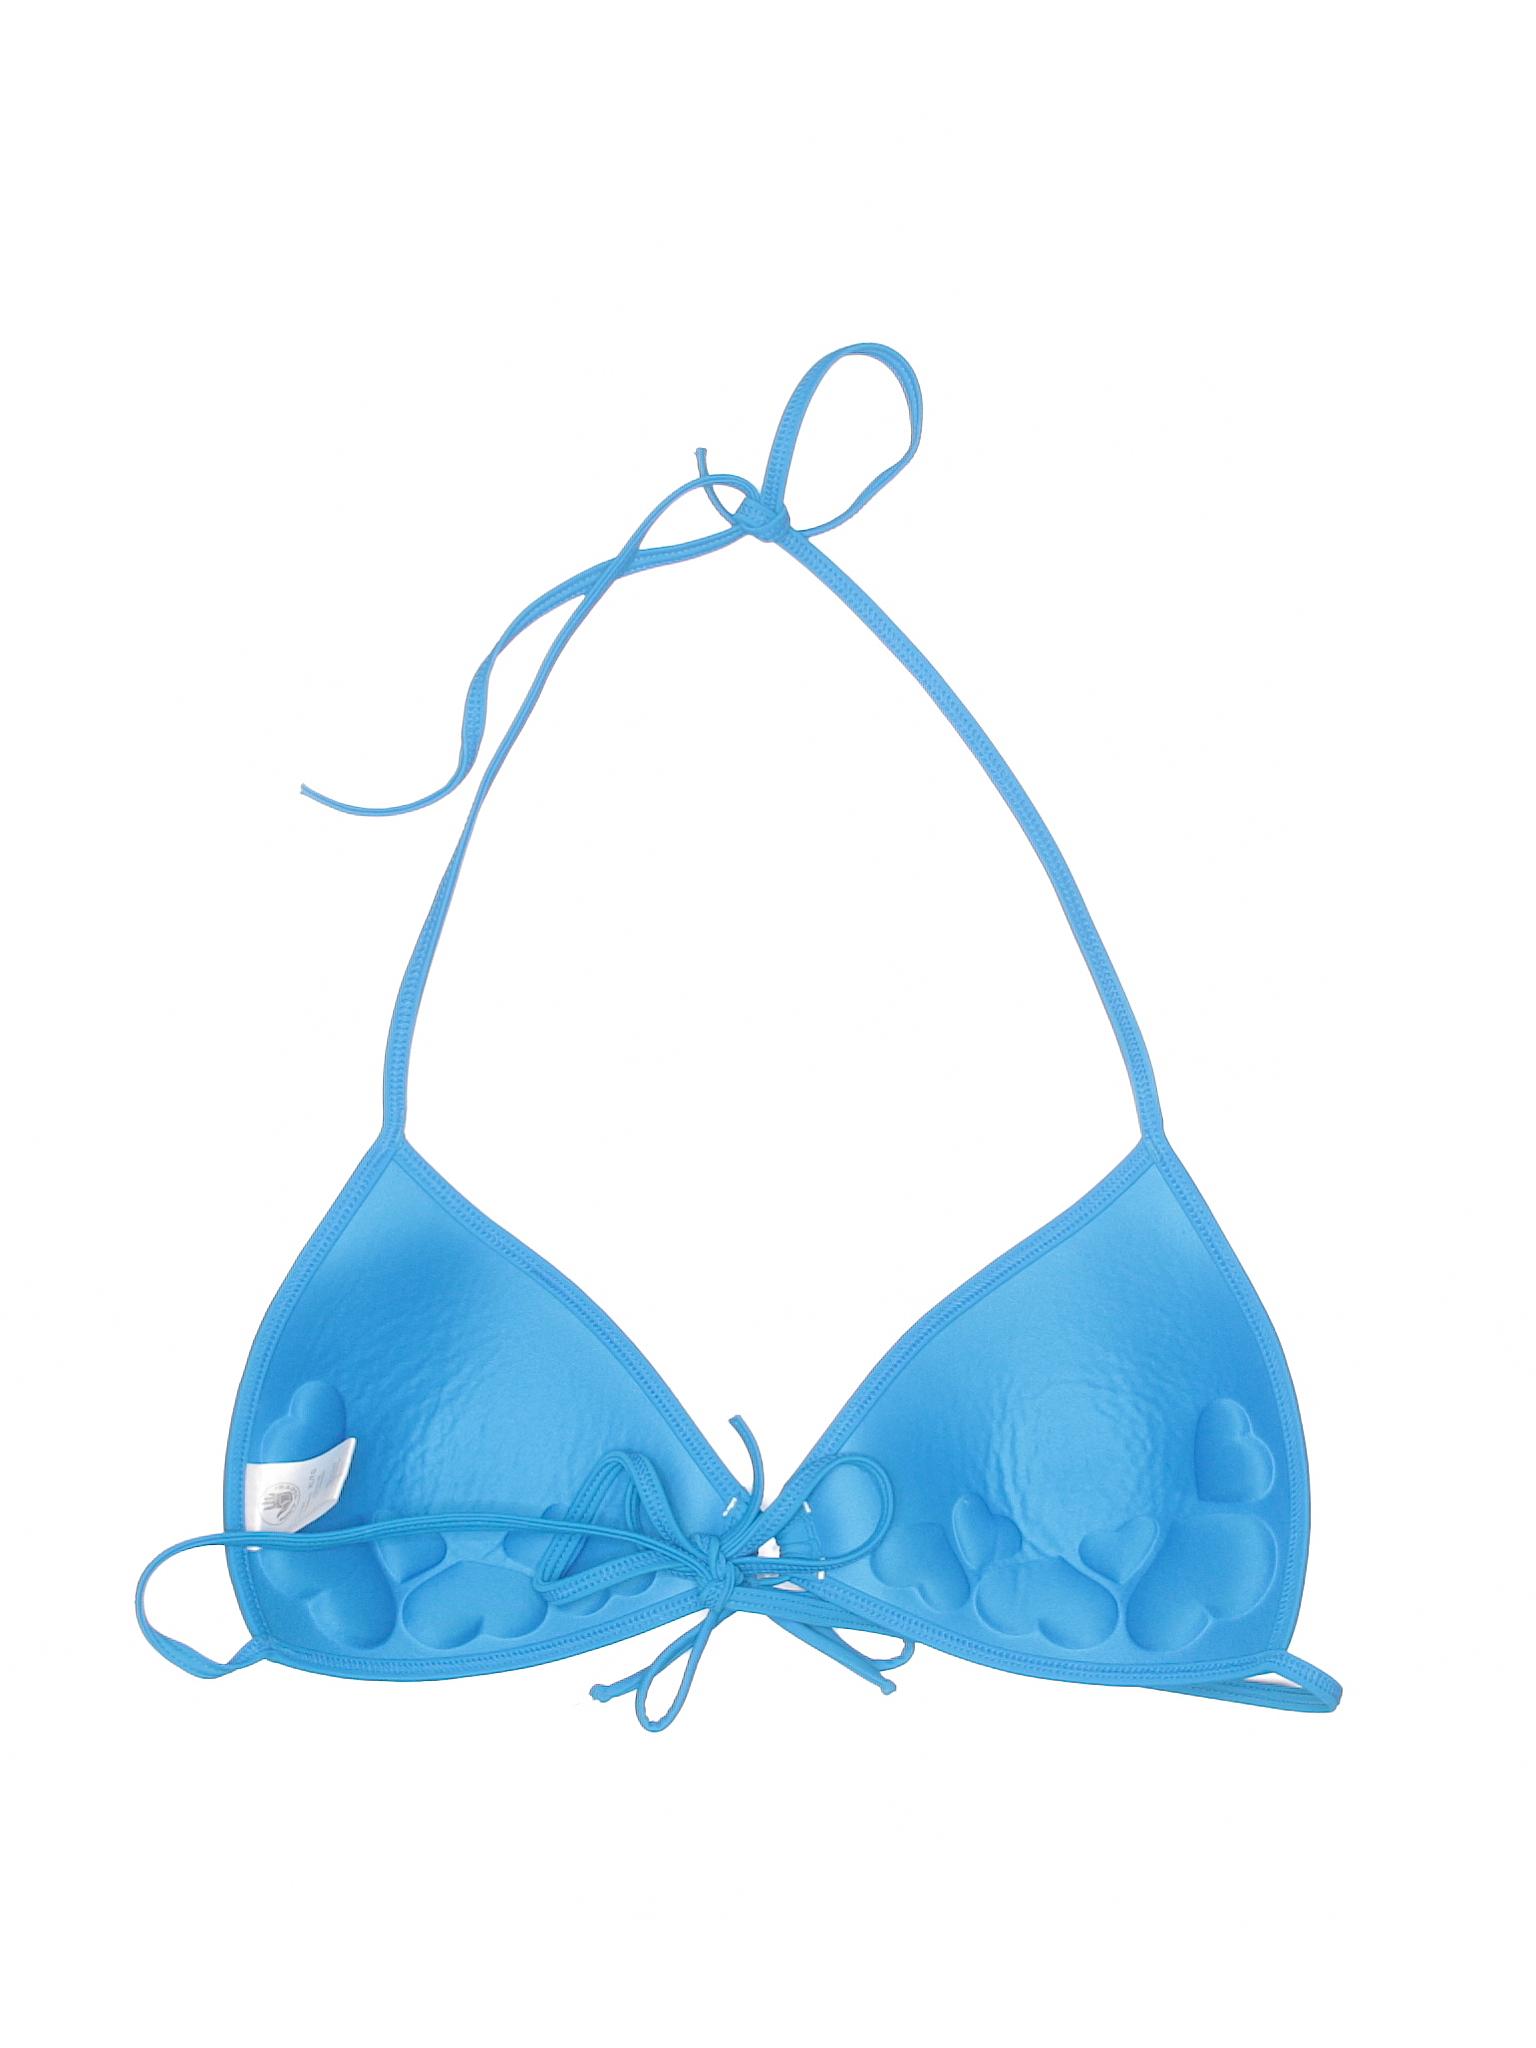 Top Boutique Swimsuit Top Swimsuit Body Boutique Body Glove Glove Boutique Saax14qz